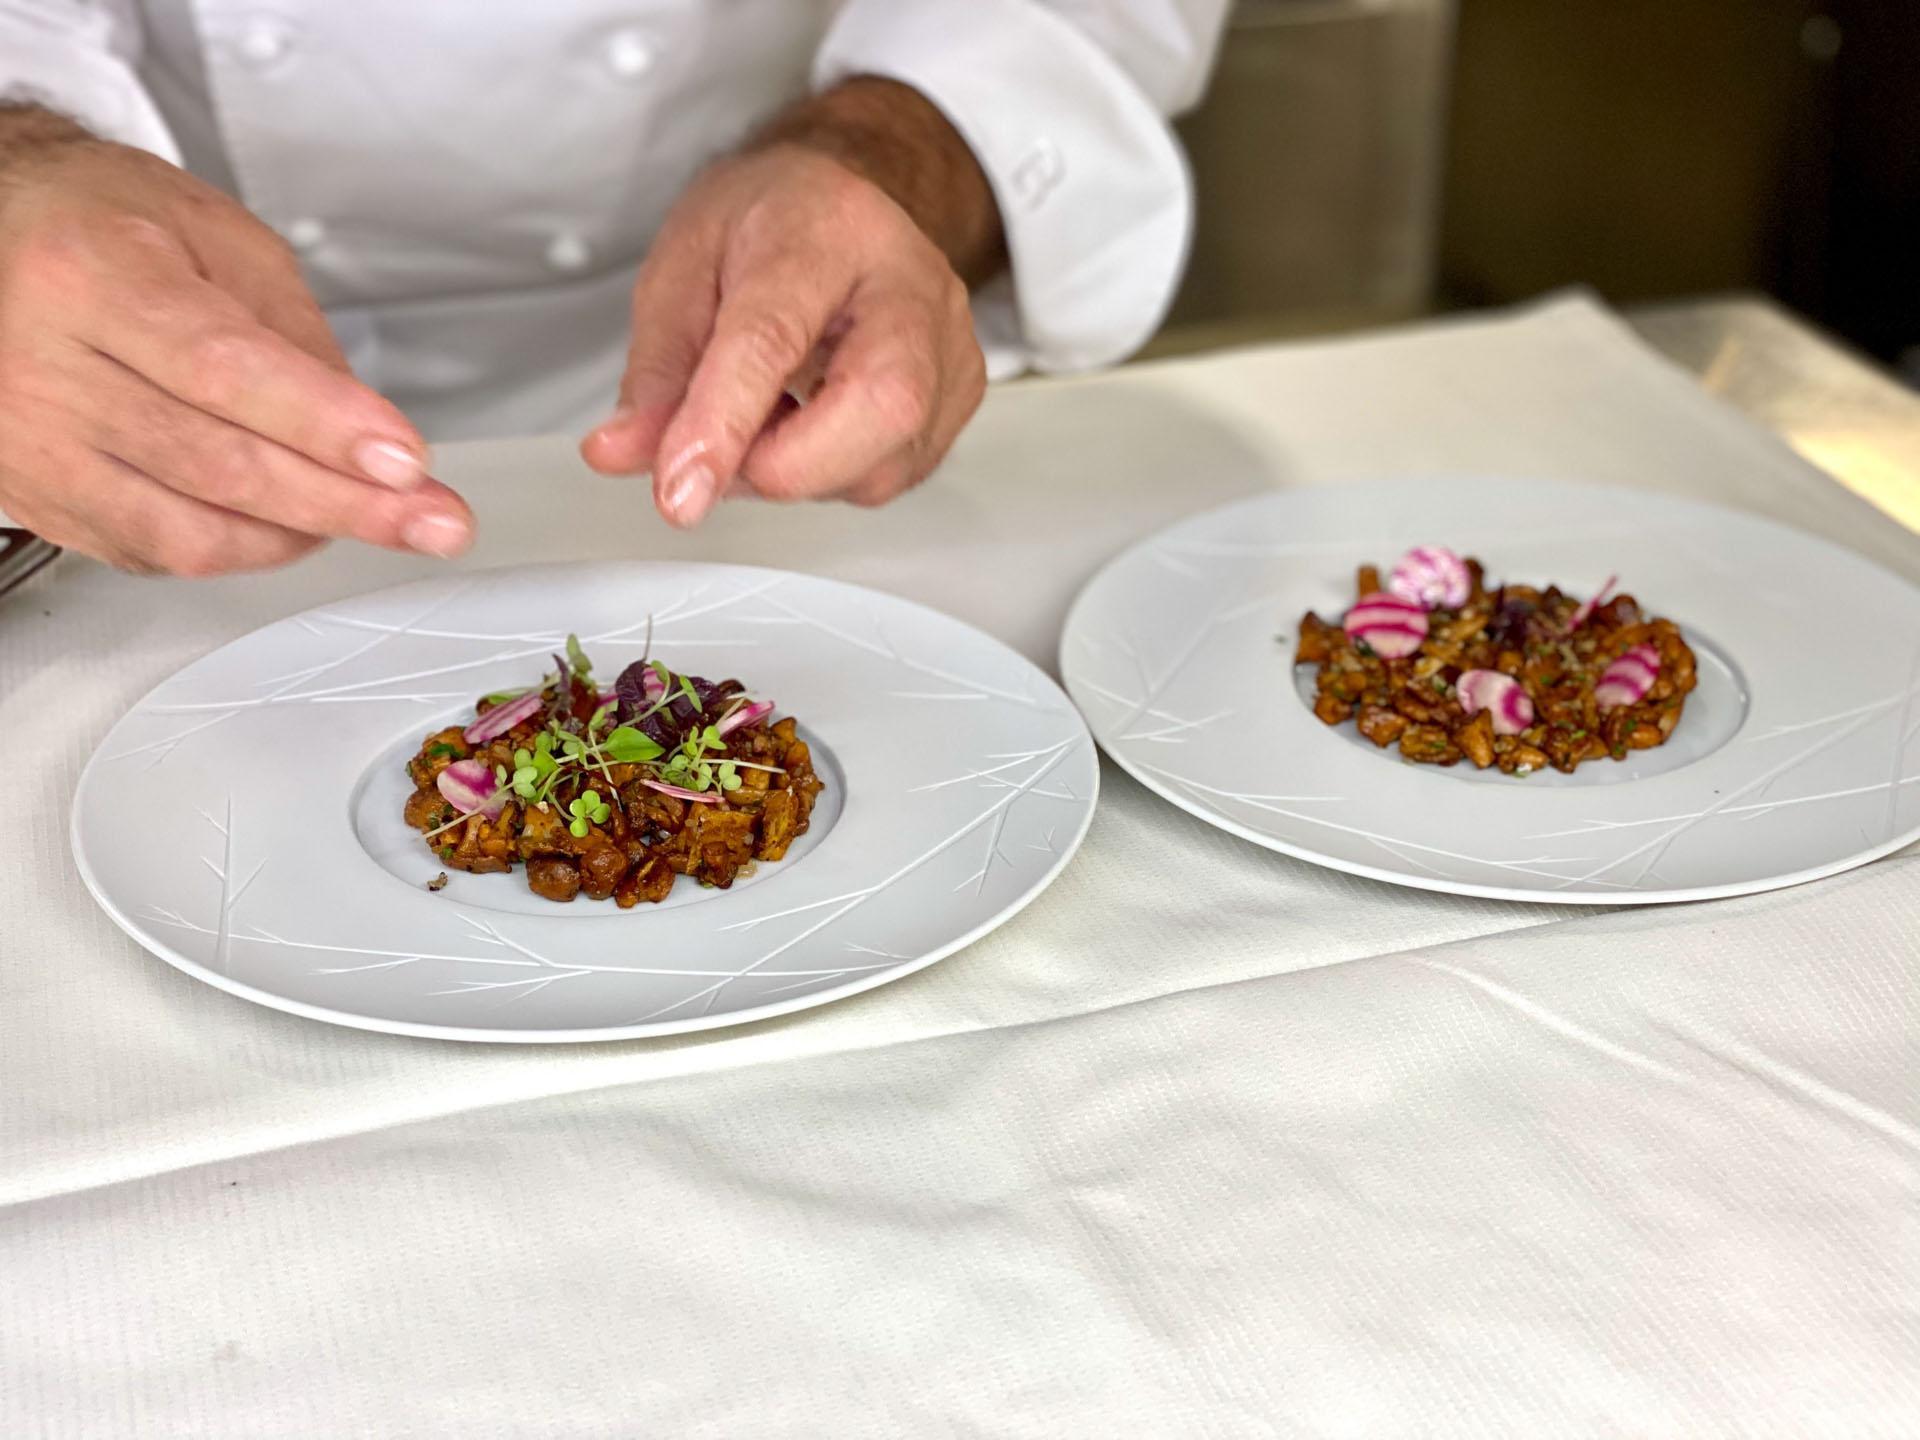 Dernières touches de dressage en cuisine © Coline de Silans